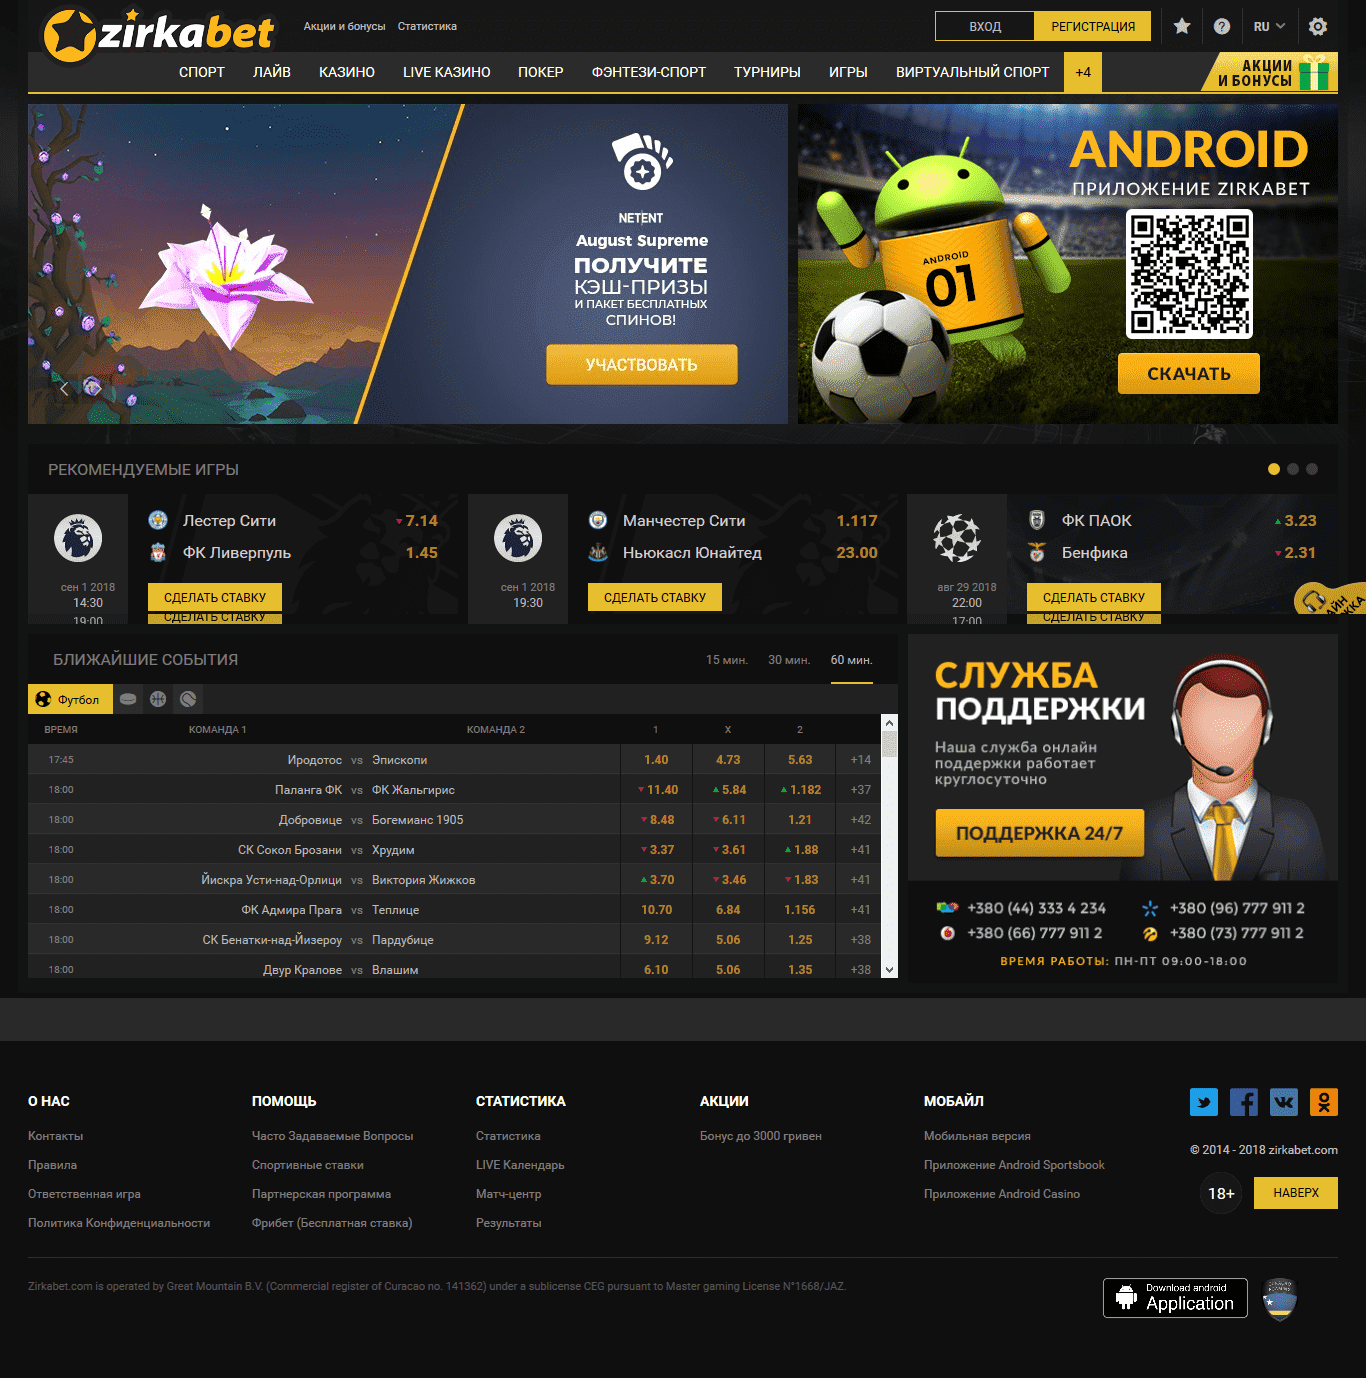 Официальный сайт Zirkabet